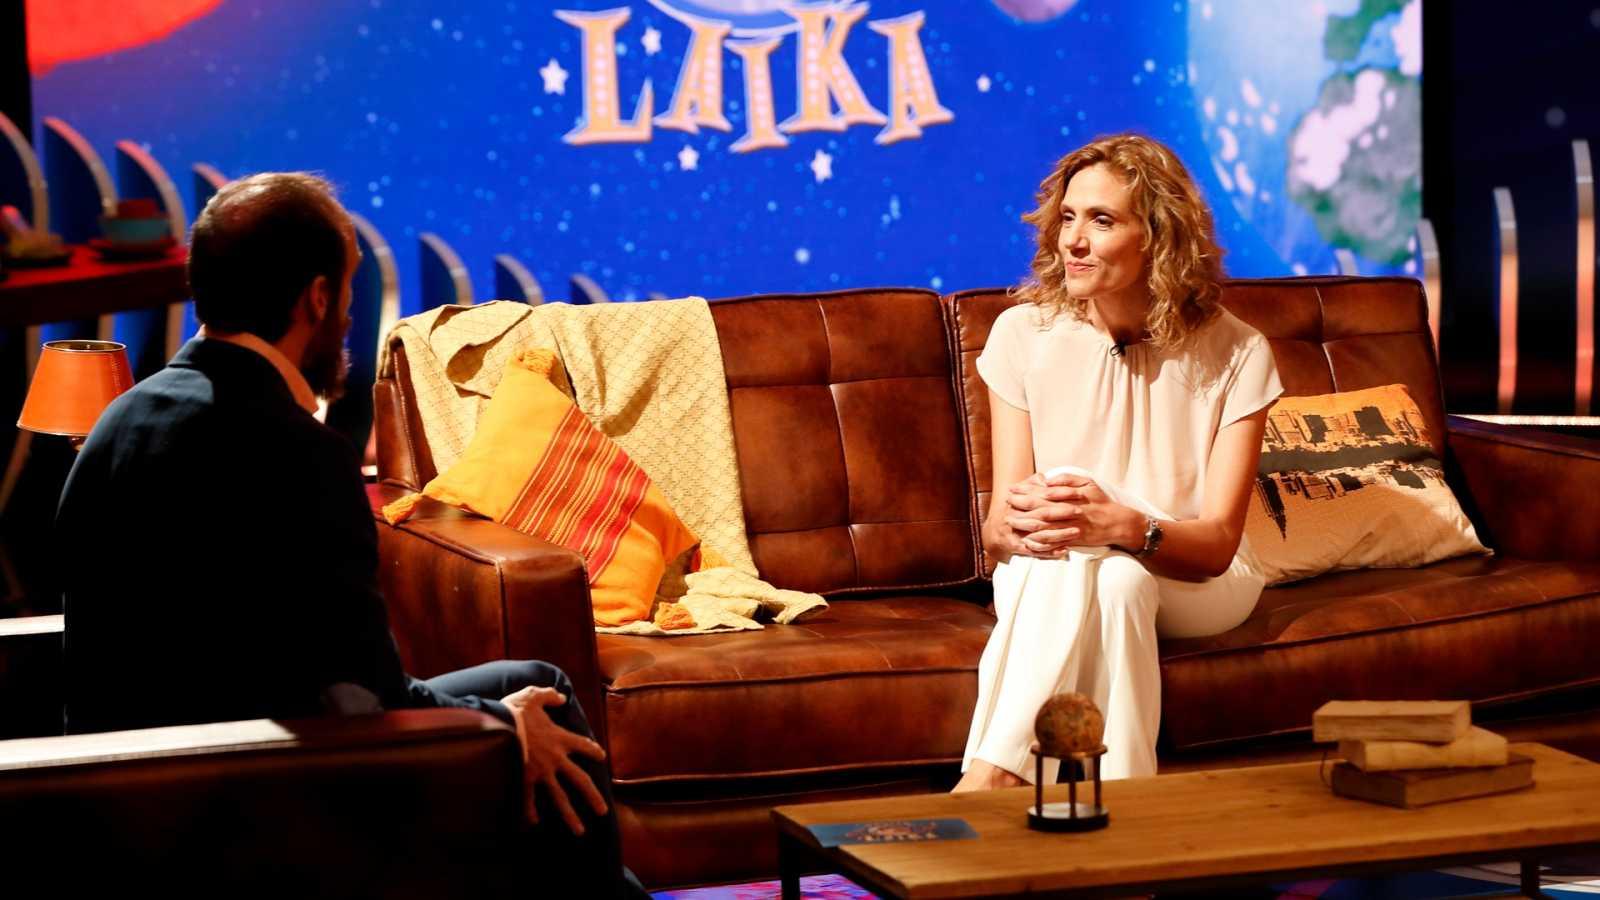 Órbita Laika - Entrevistas - María de los Ángeles Navacerrada